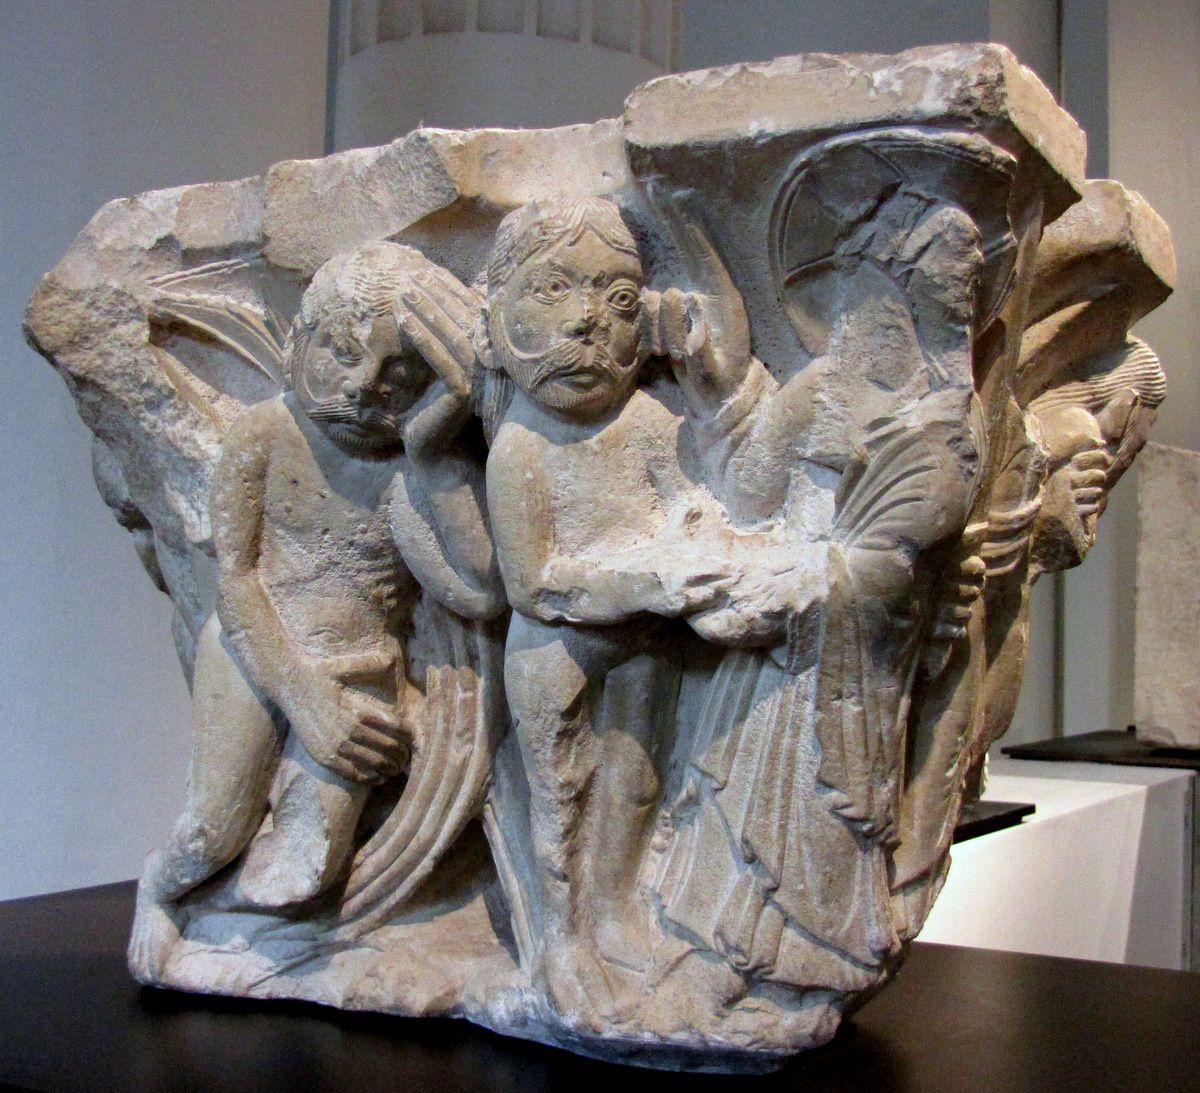 Chapiteau d'Adam et Eve, musée de Picardie